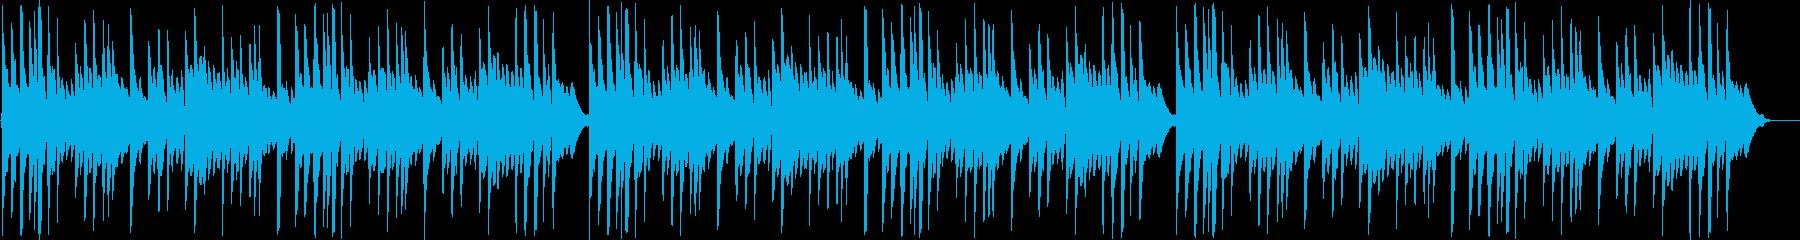 優しいシンセ・ピアノサウンドの再生済みの波形